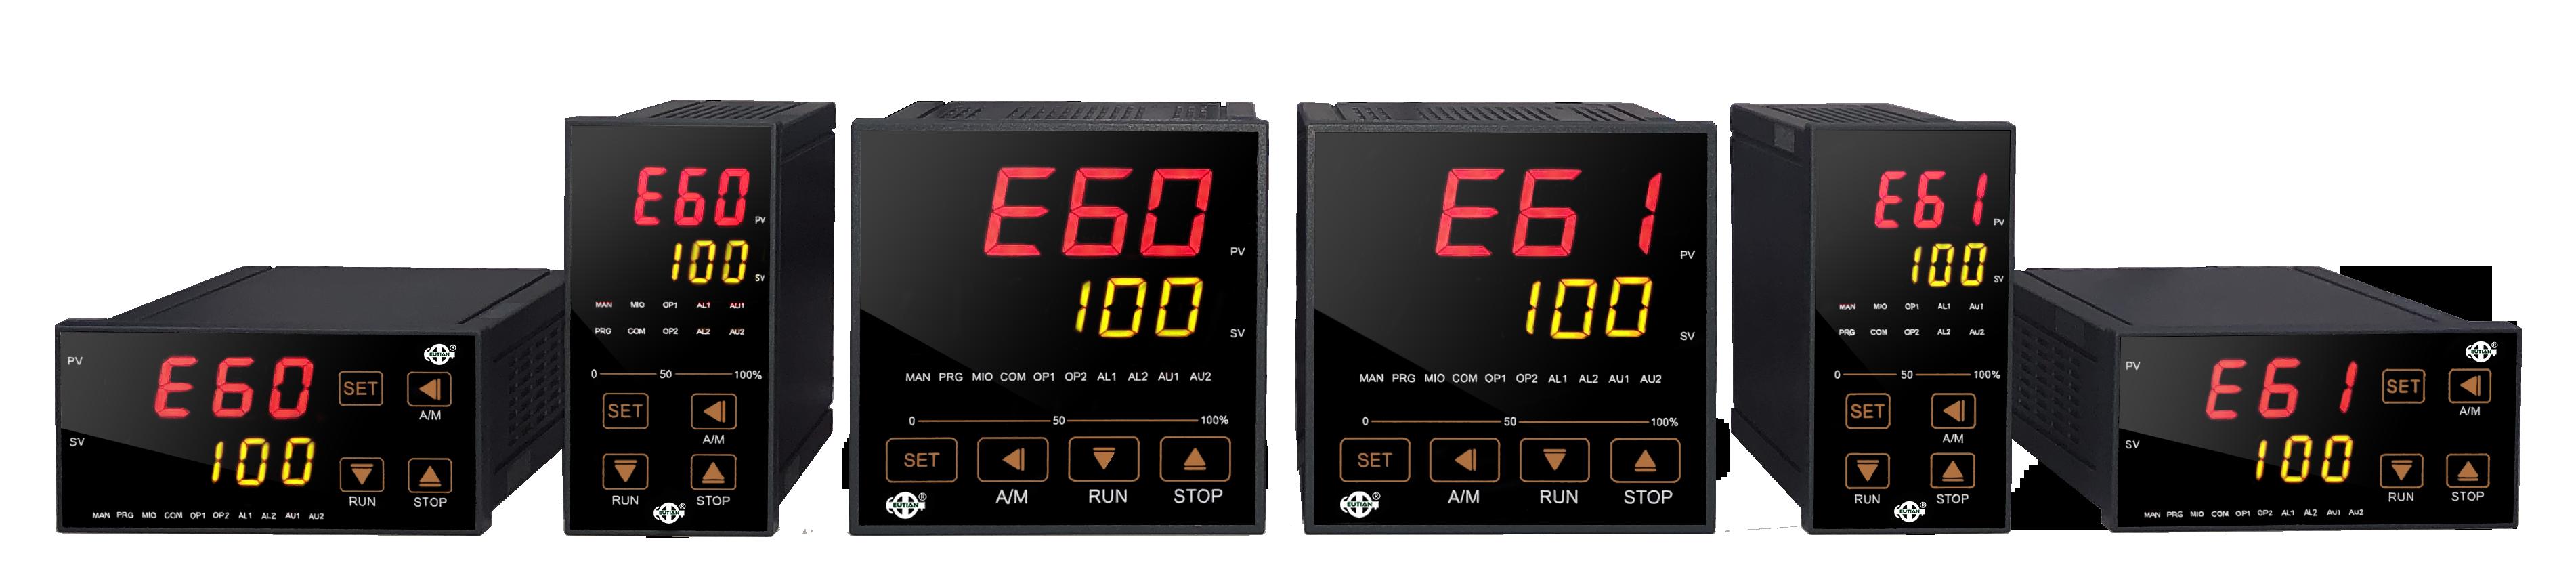 E60-E61